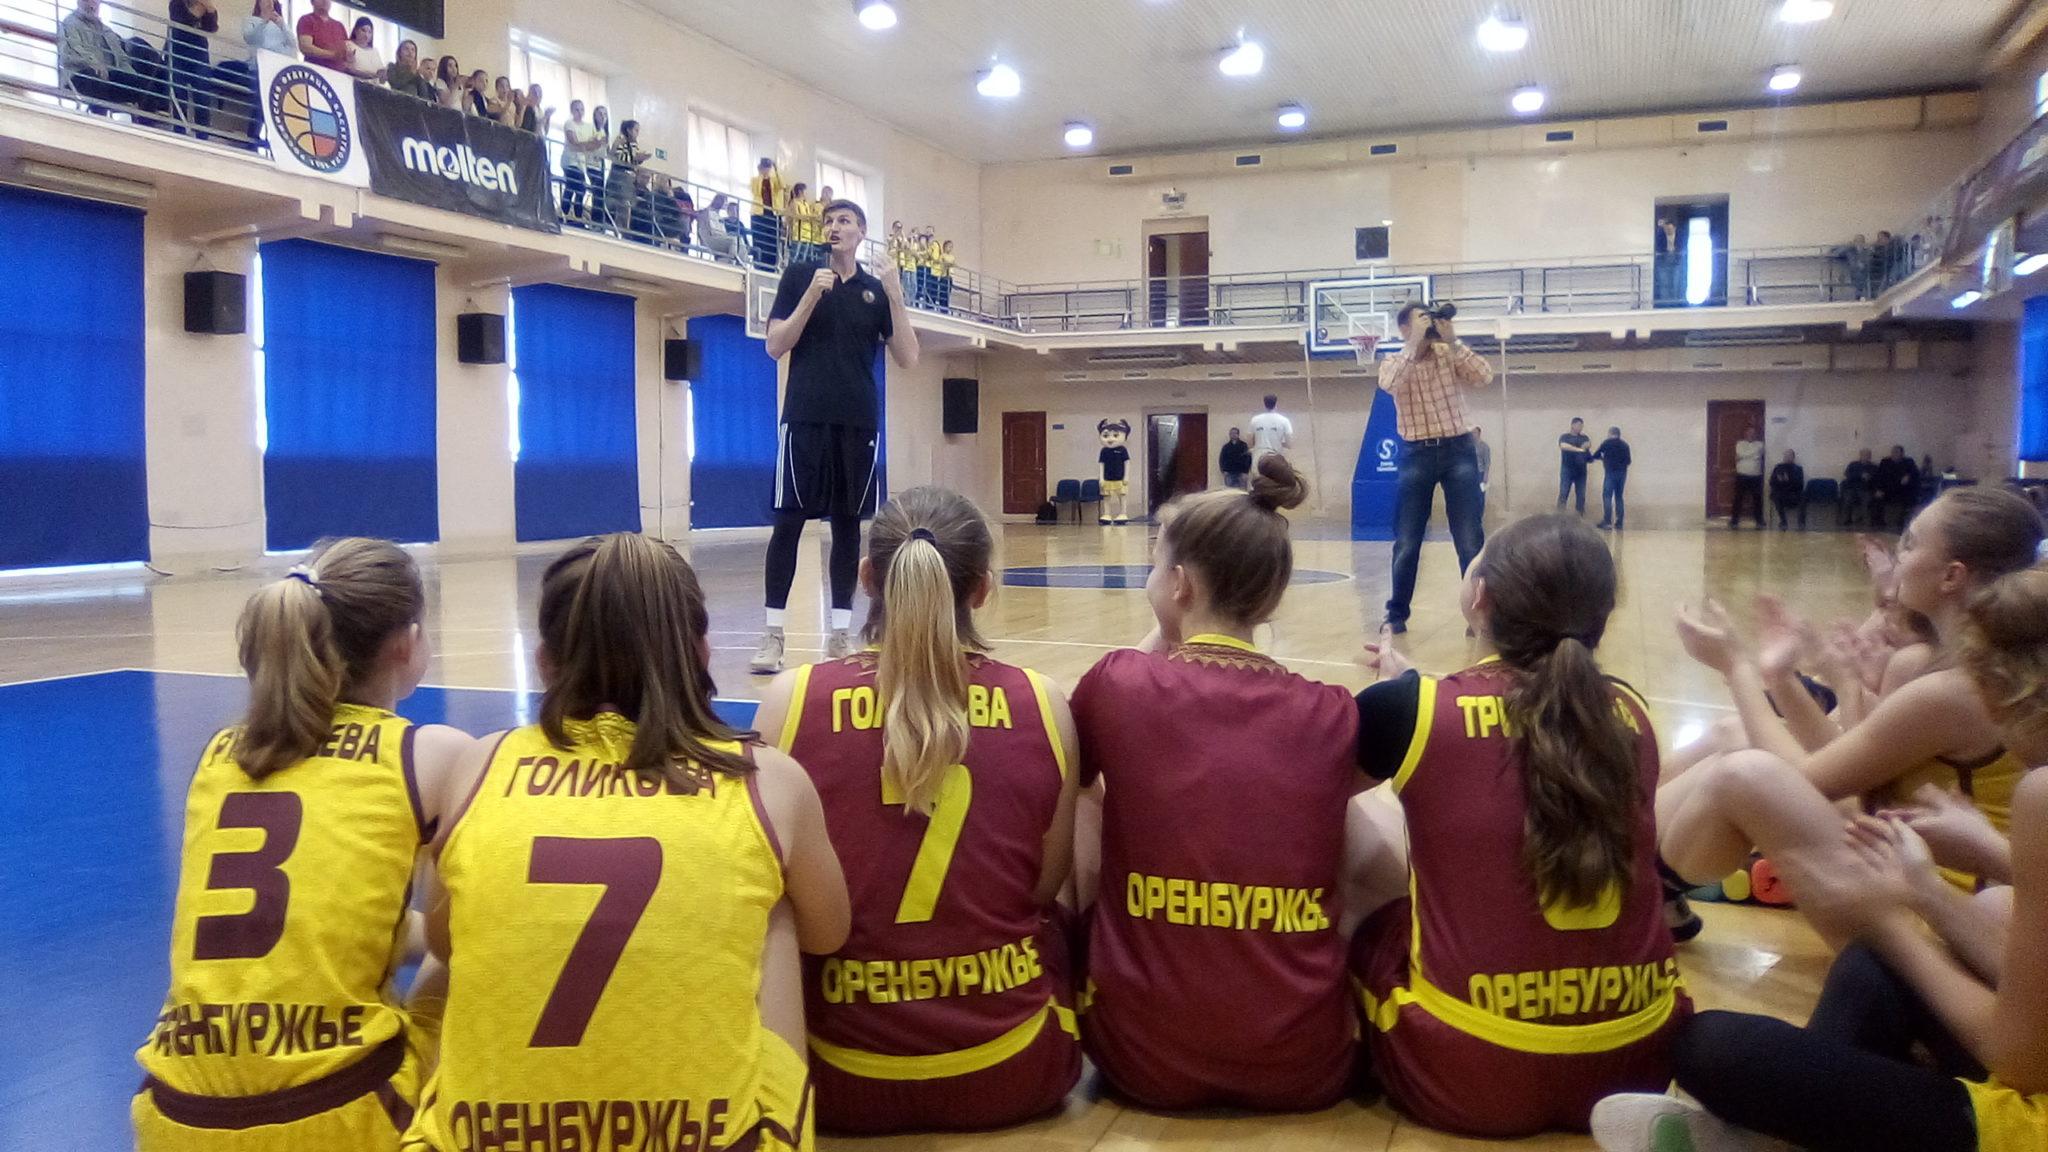 С оренбургскими спортсменками из школы «Надежда» сыграл президент Российской федерации баскетбола